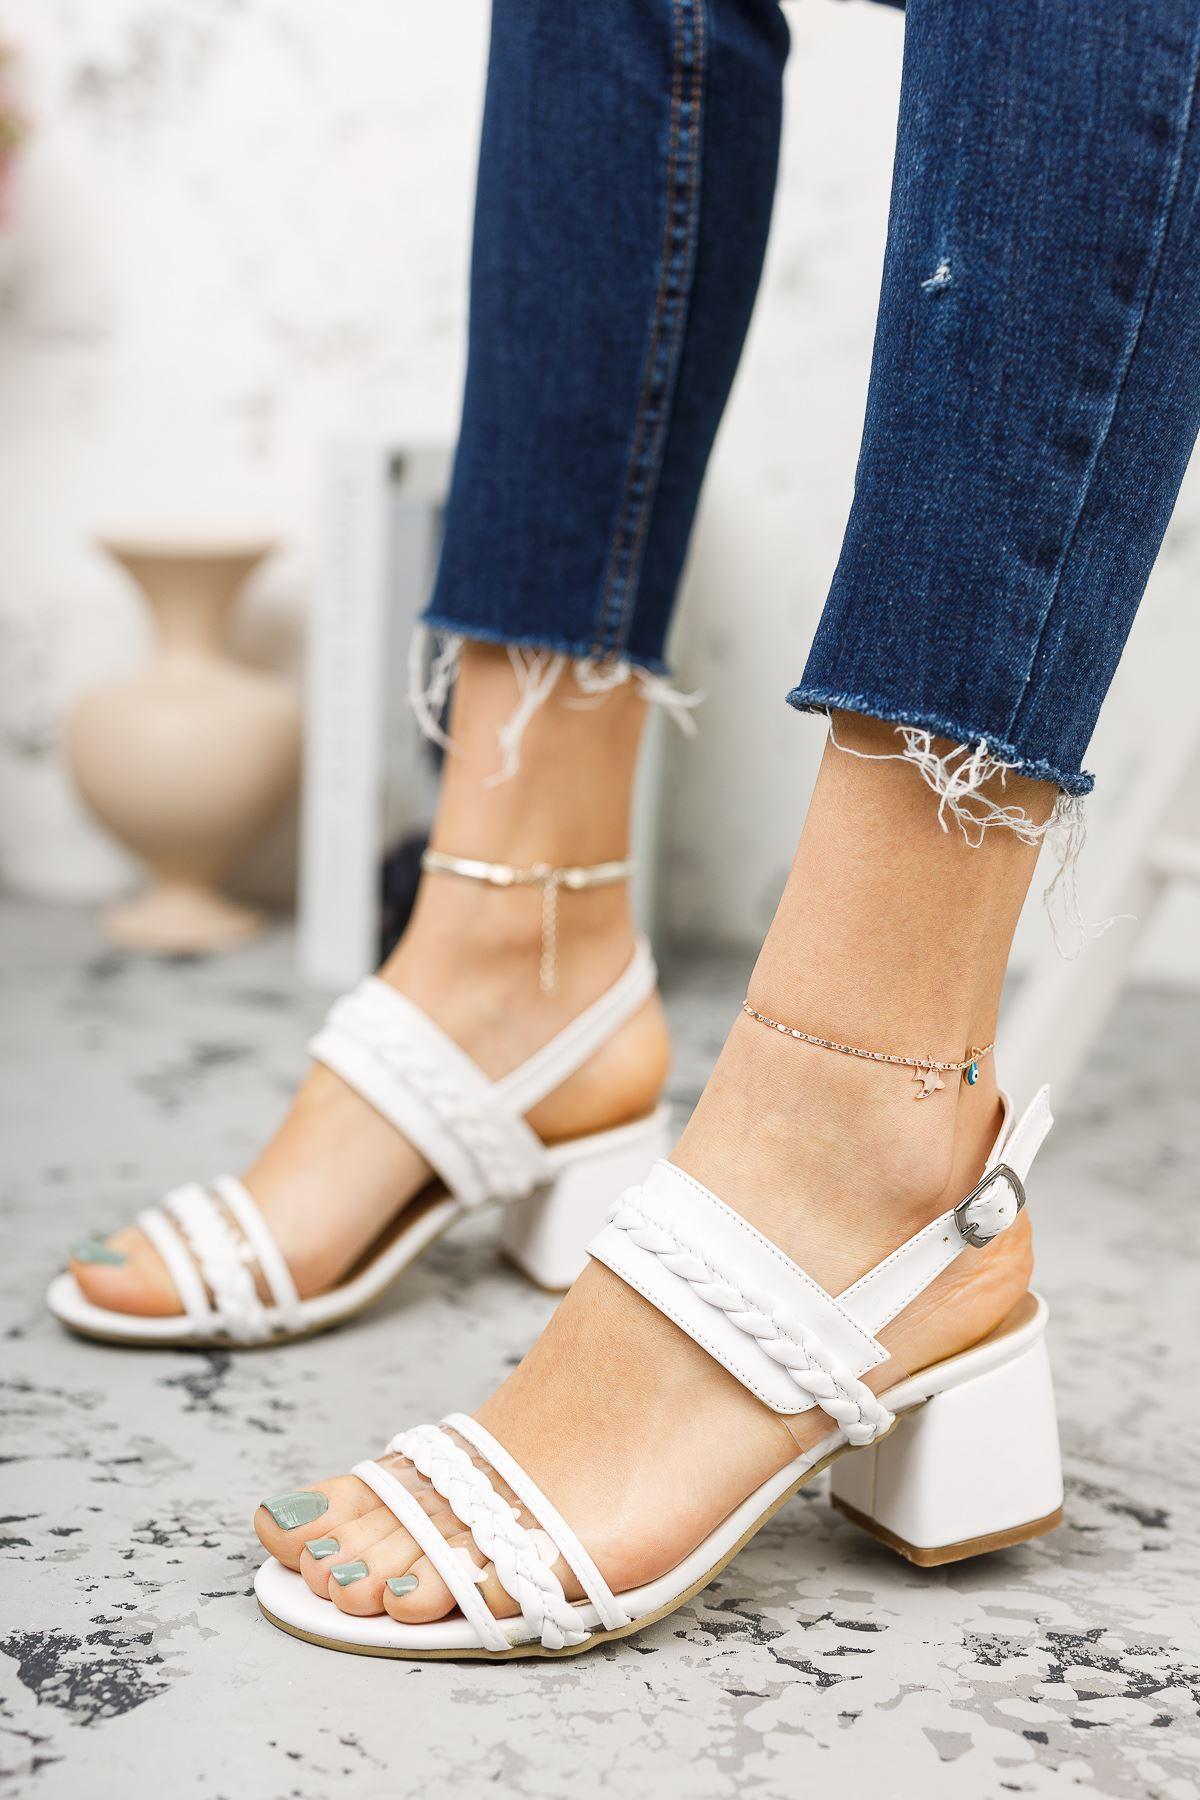 Kadın Yanna Örgü Detay Mat Deri Beyaz Kısa Topuklu Ayakkabı